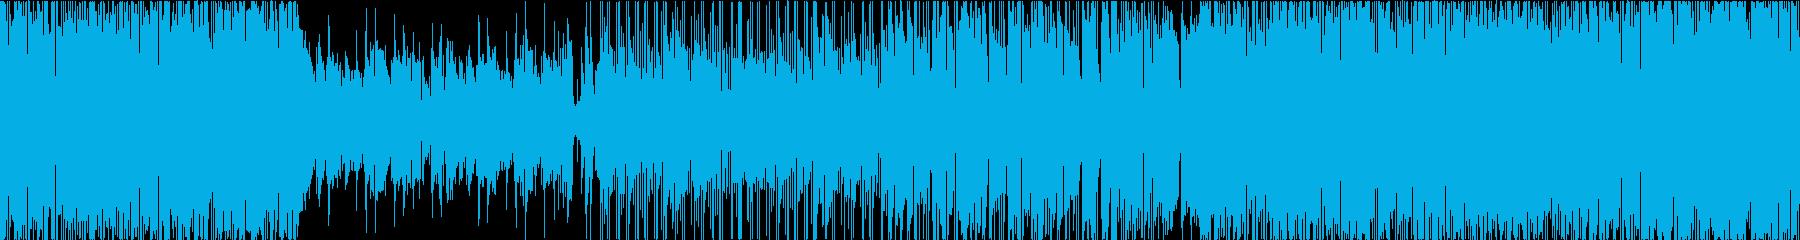 ラテンなイメージの陽気でお洒落サウンドの再生済みの波形